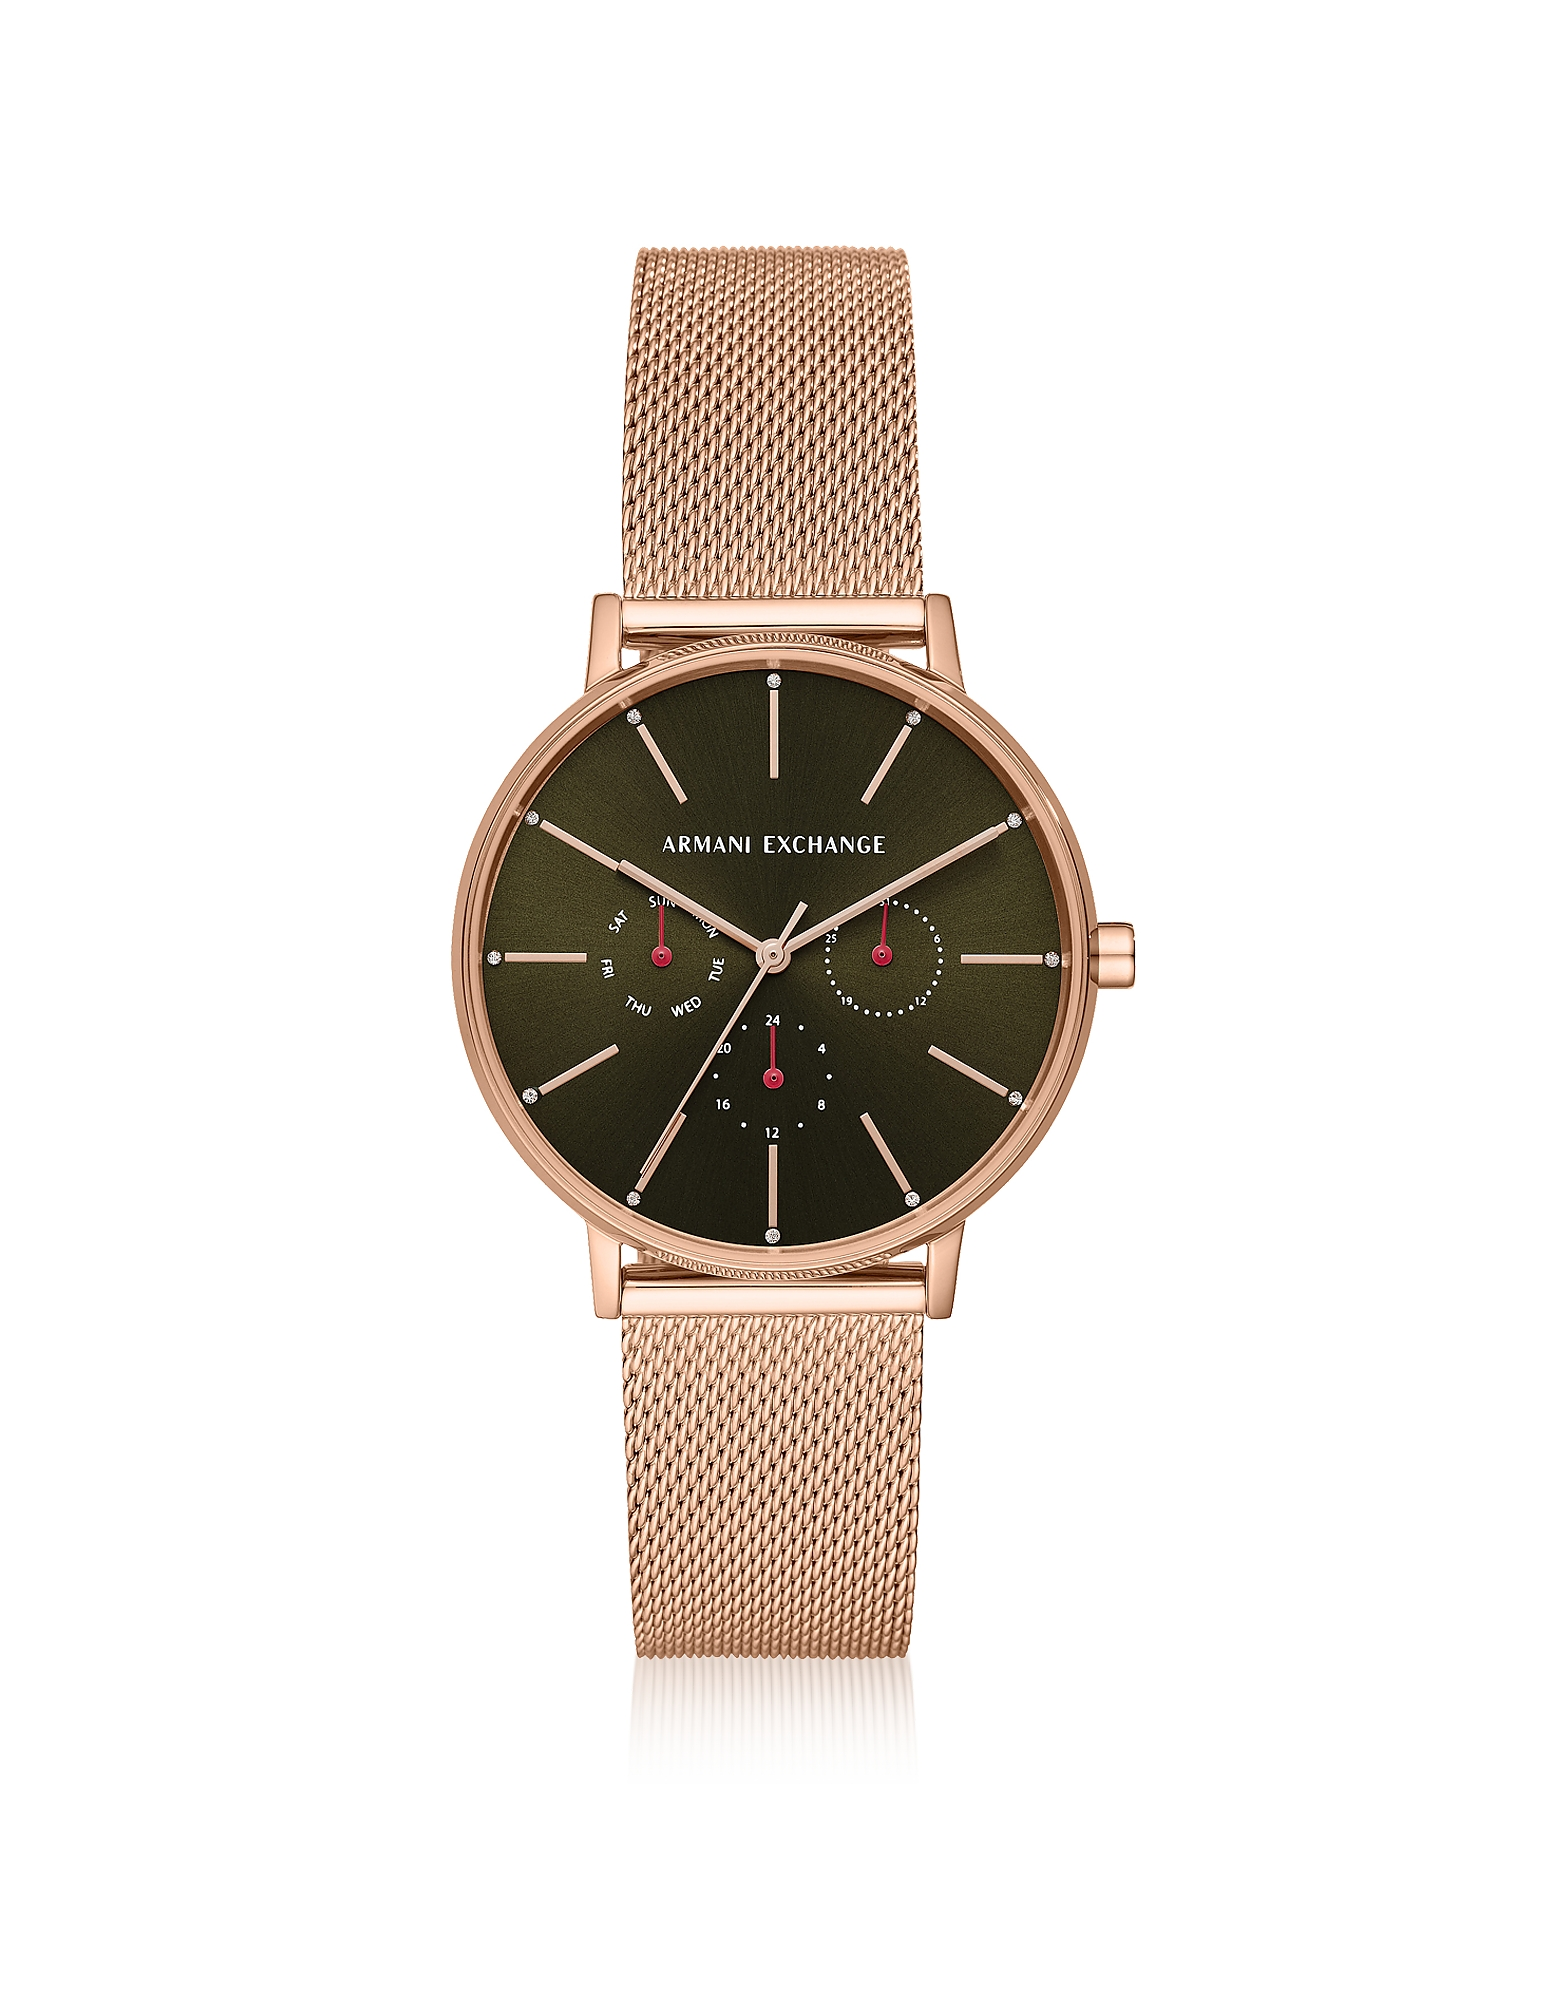 Lola - Часы Хронограф Оттенка Розового Золота с Сетчатым Браслетом ARMANI EXCHANGE